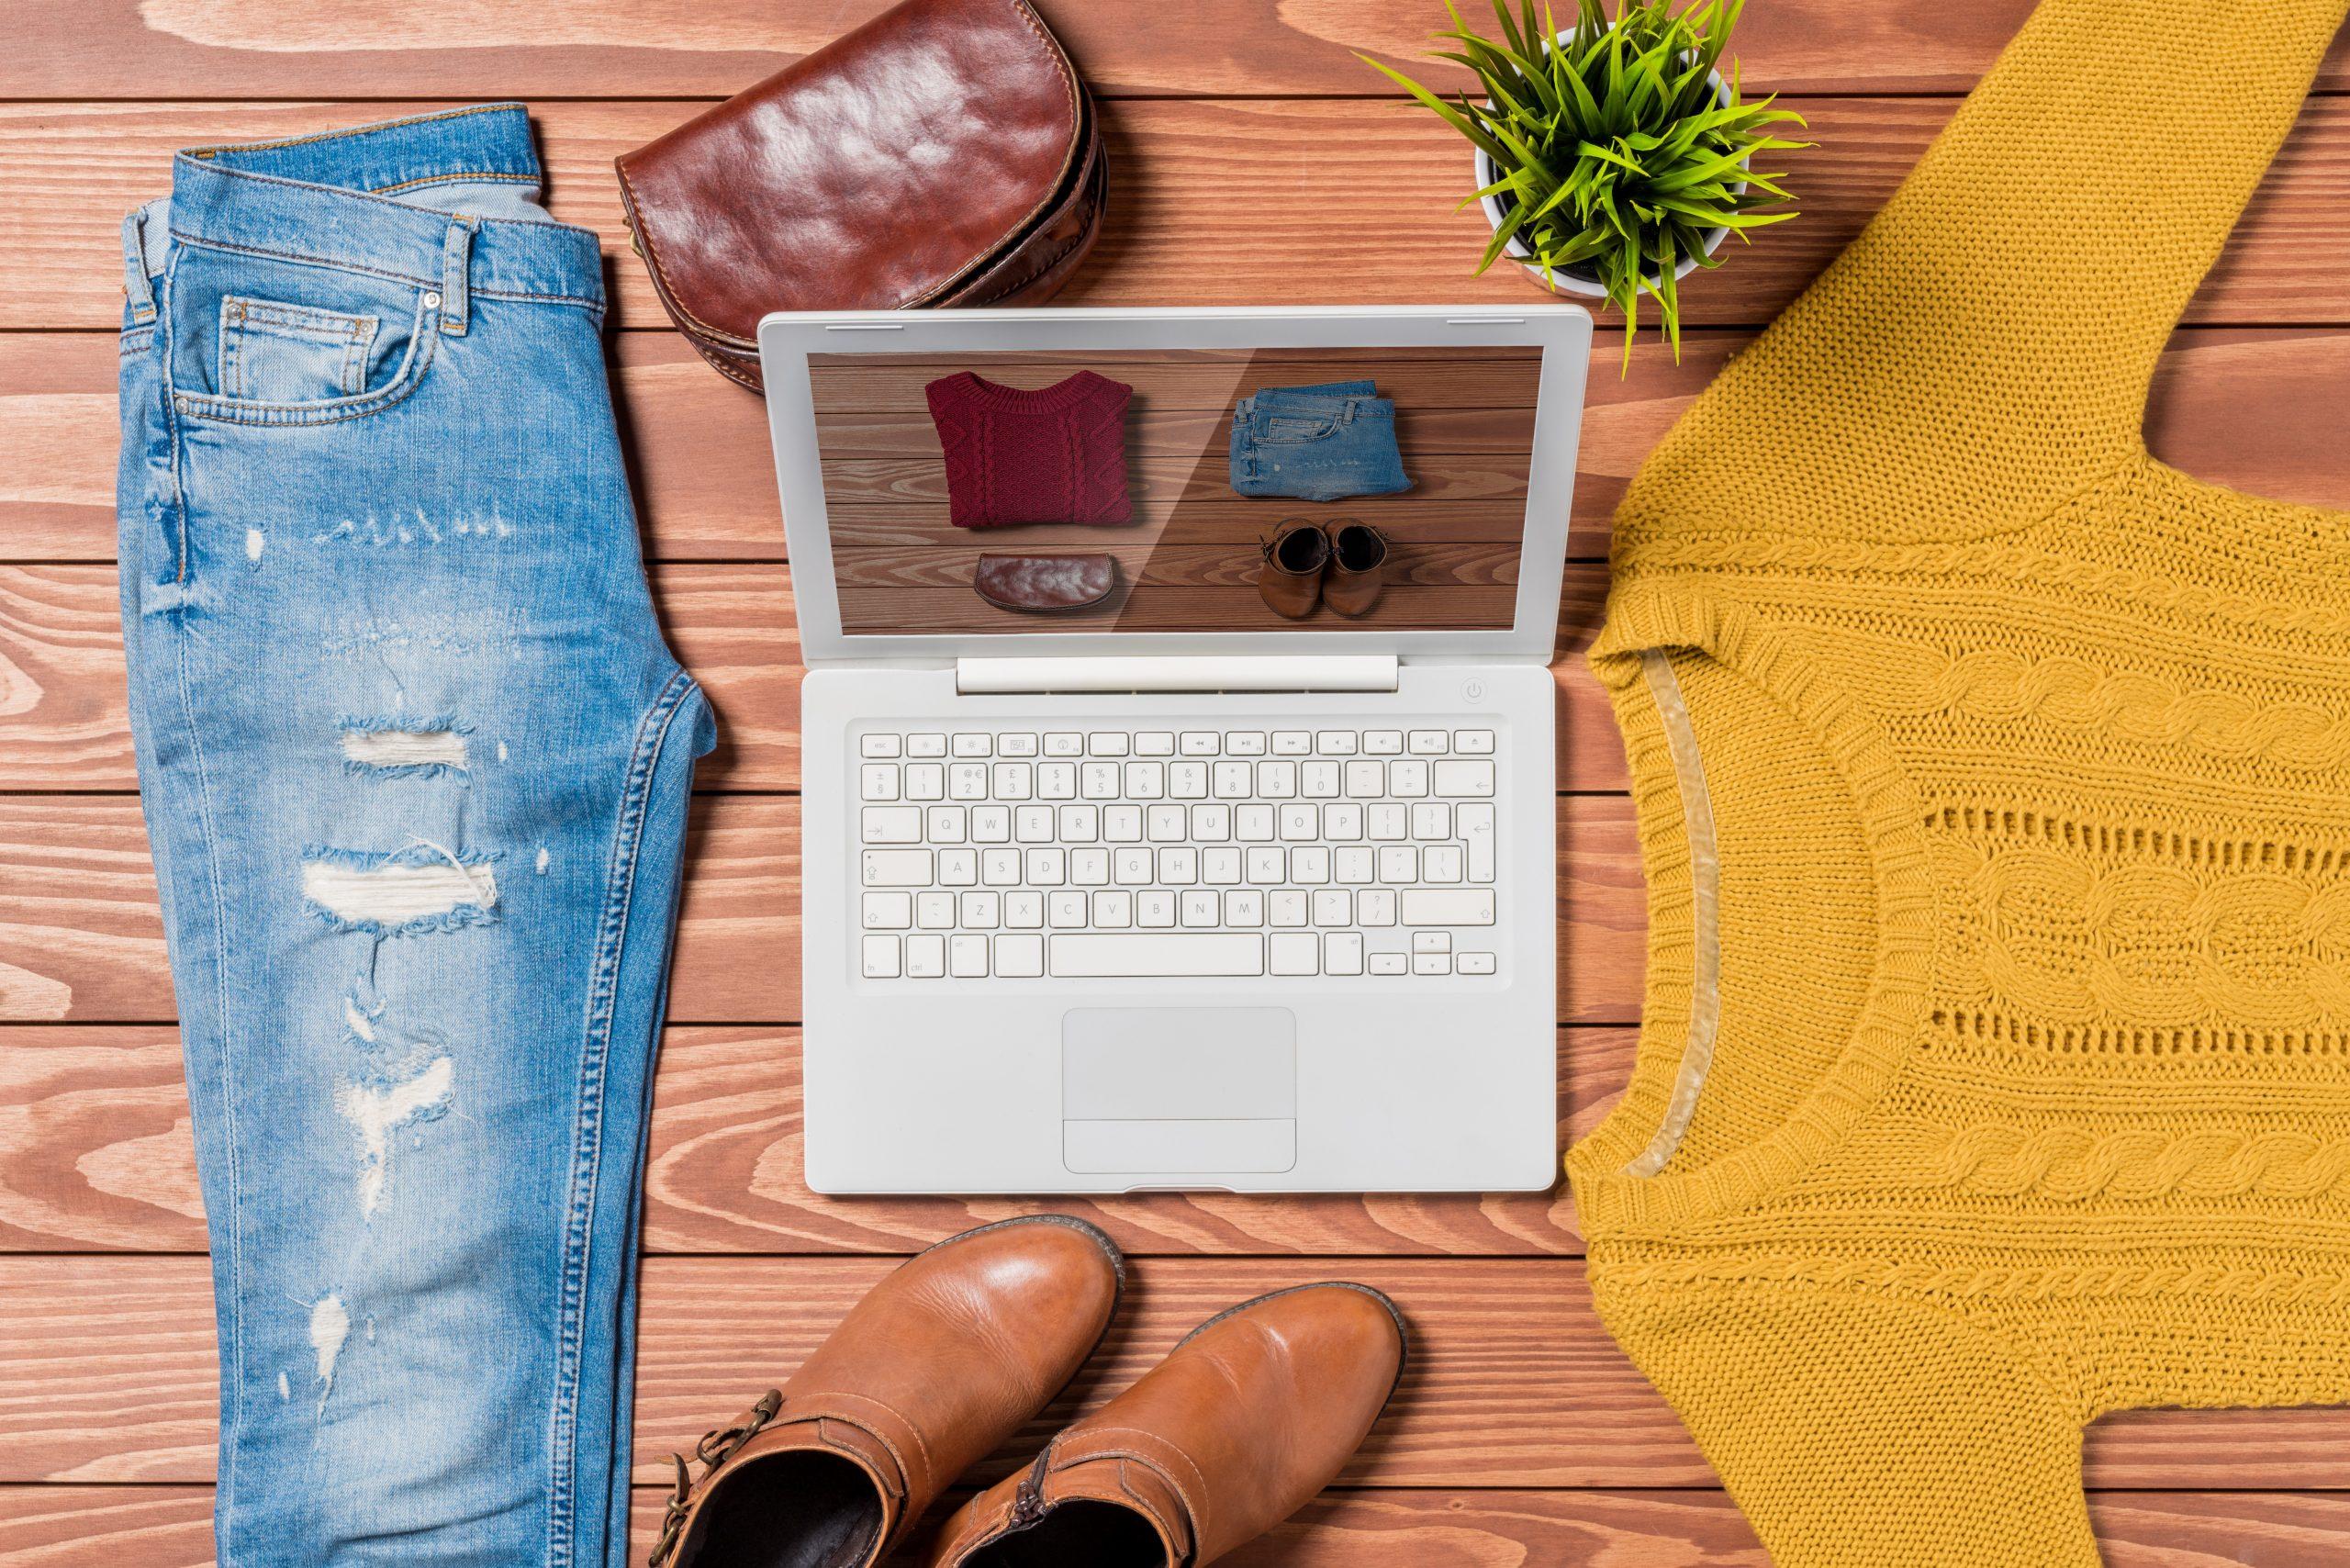 20 Einfach Kleider Kaufen Online Design17 Leicht Kleider Kaufen Online Boutique